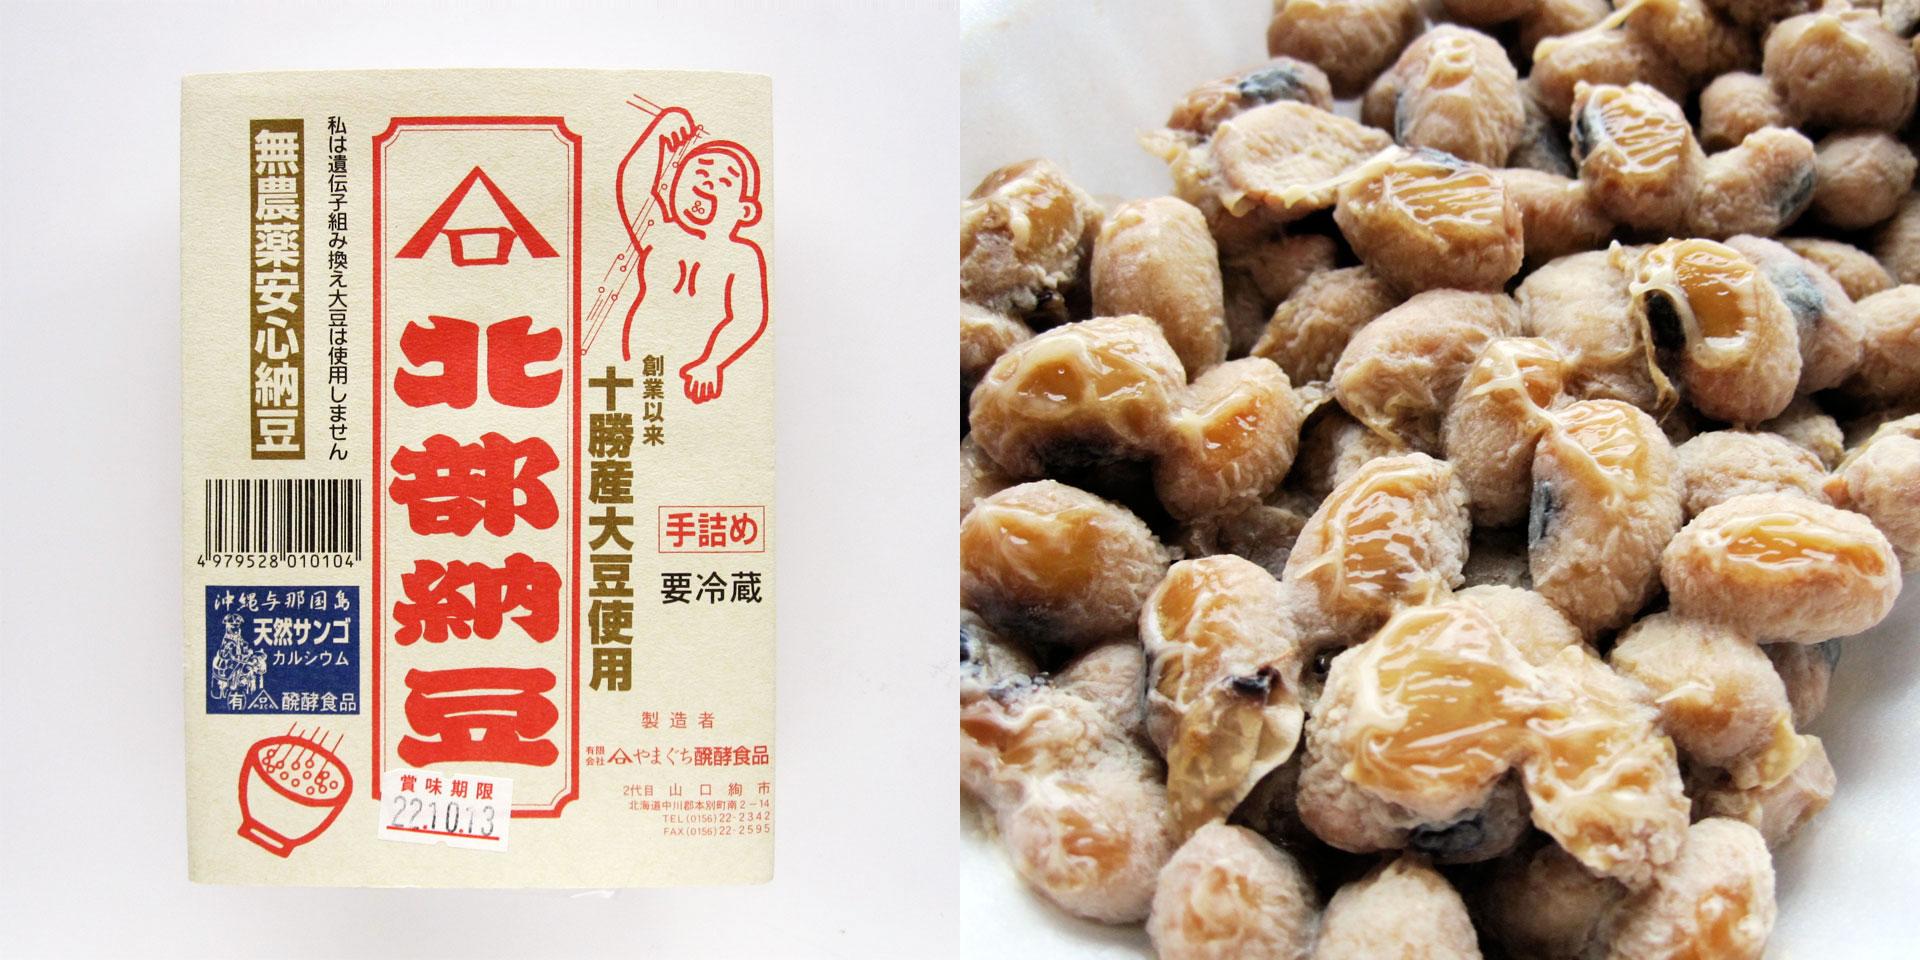 やまぐち醗酵食品「北部納豆」